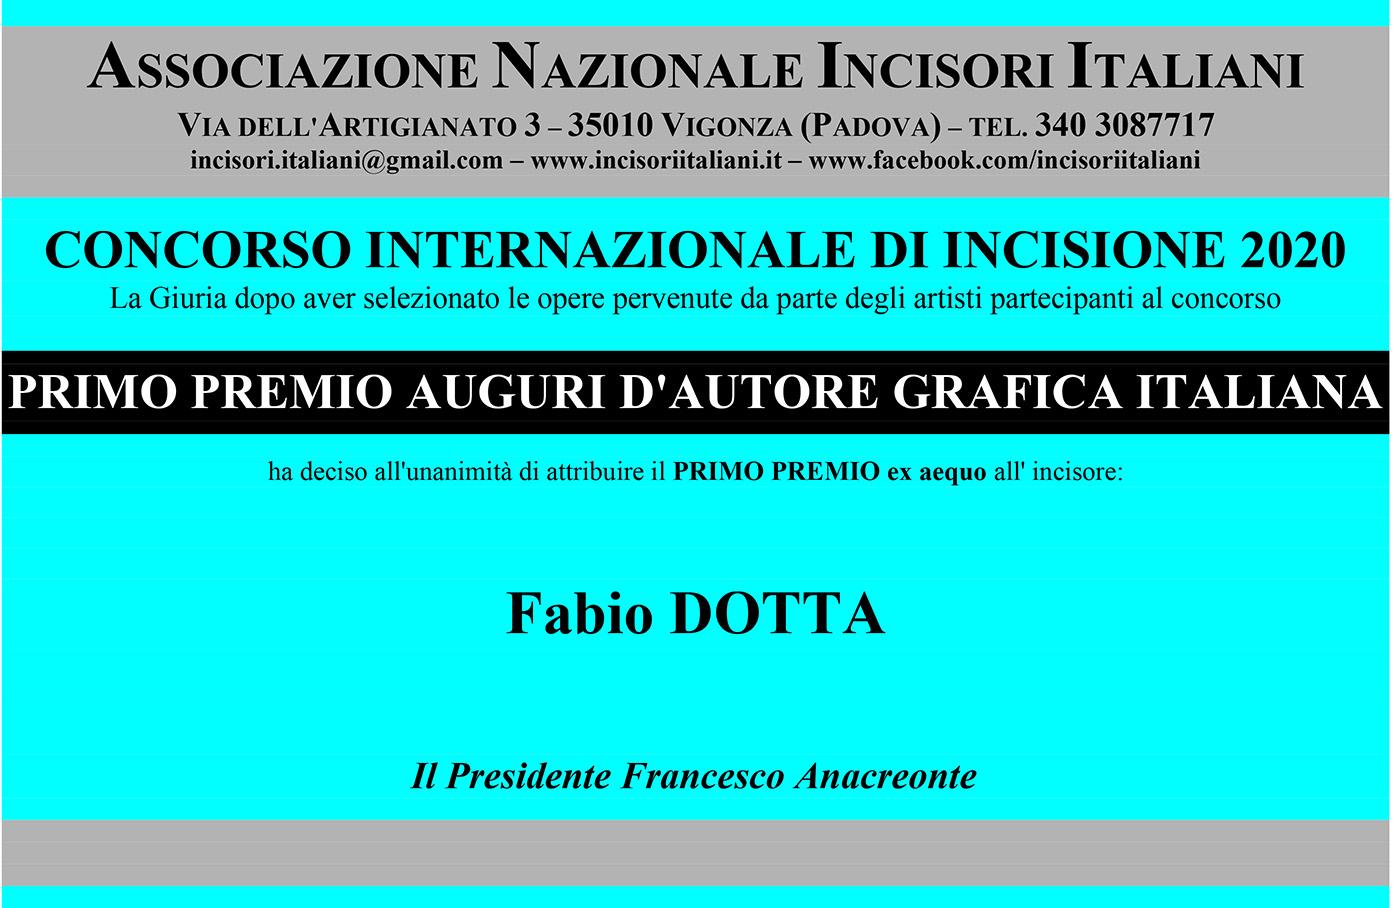 Attestato Vincitore 2020 - FABIO DOTTA